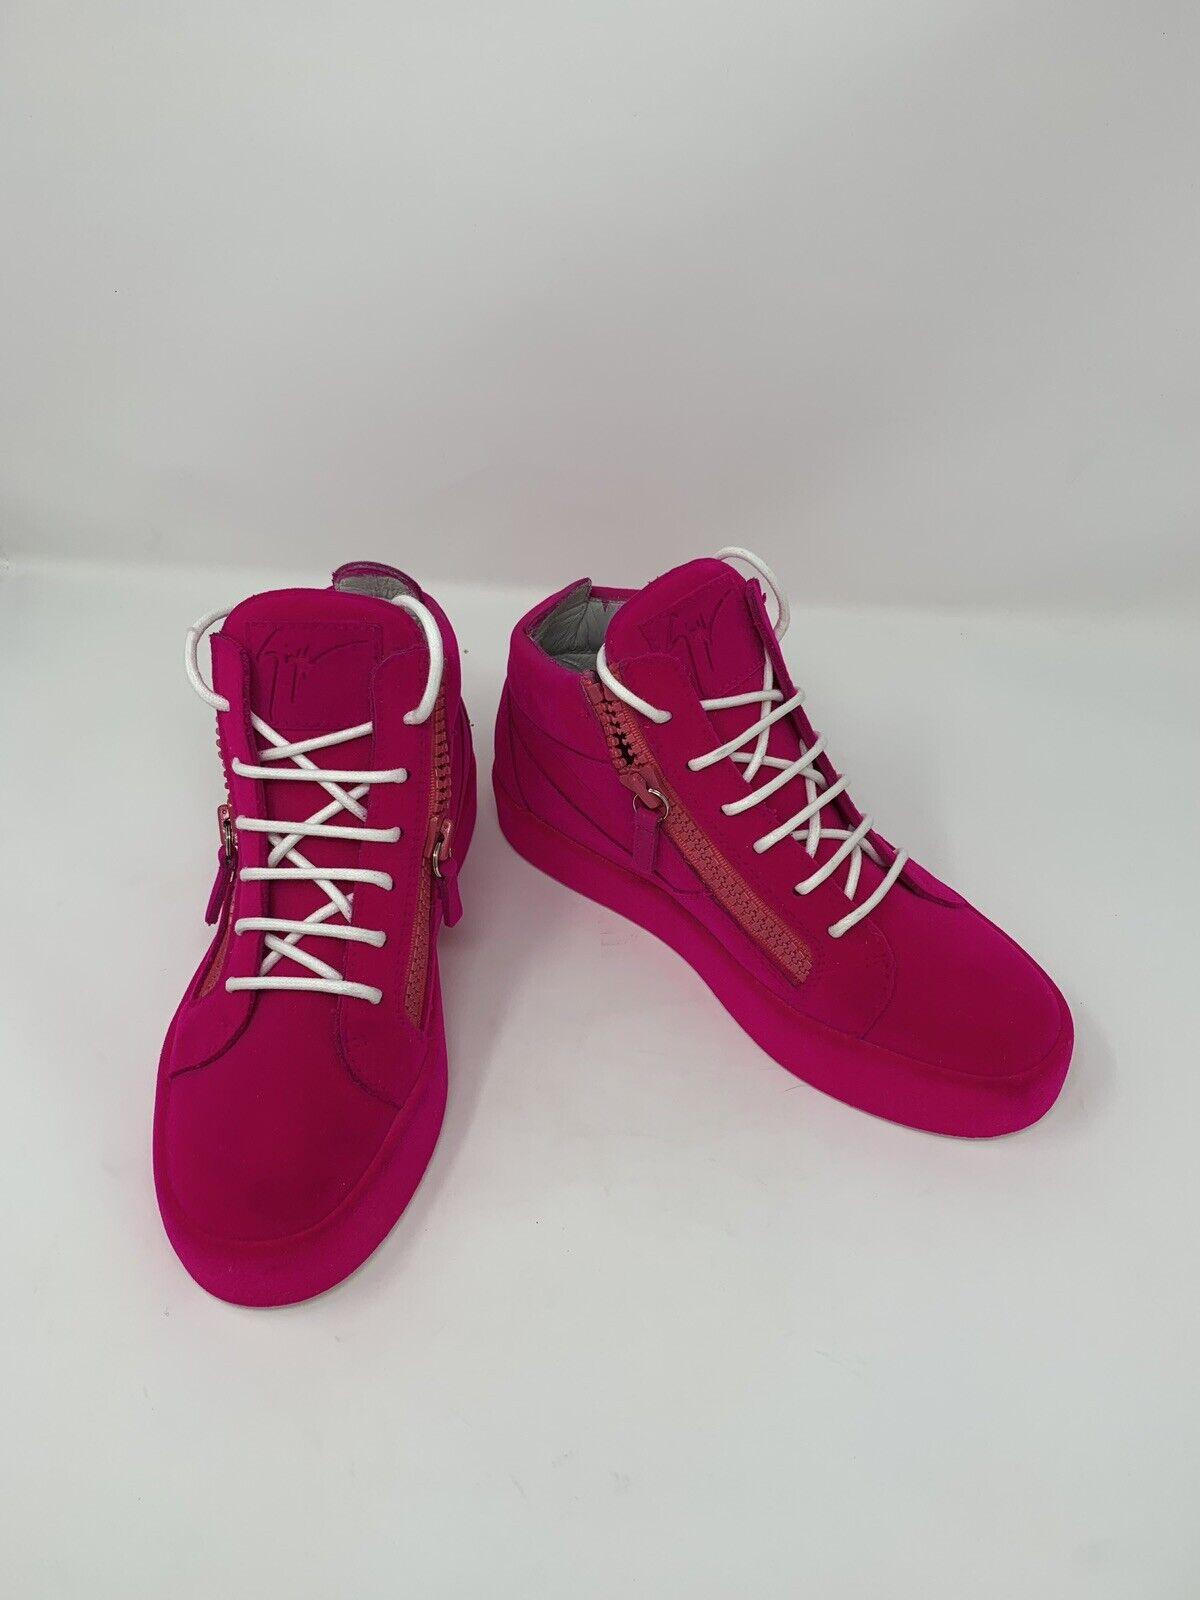 Stunning Brand New Neon Pink Giuseppi Zanotti Trainers  Size EU 38  Unisex